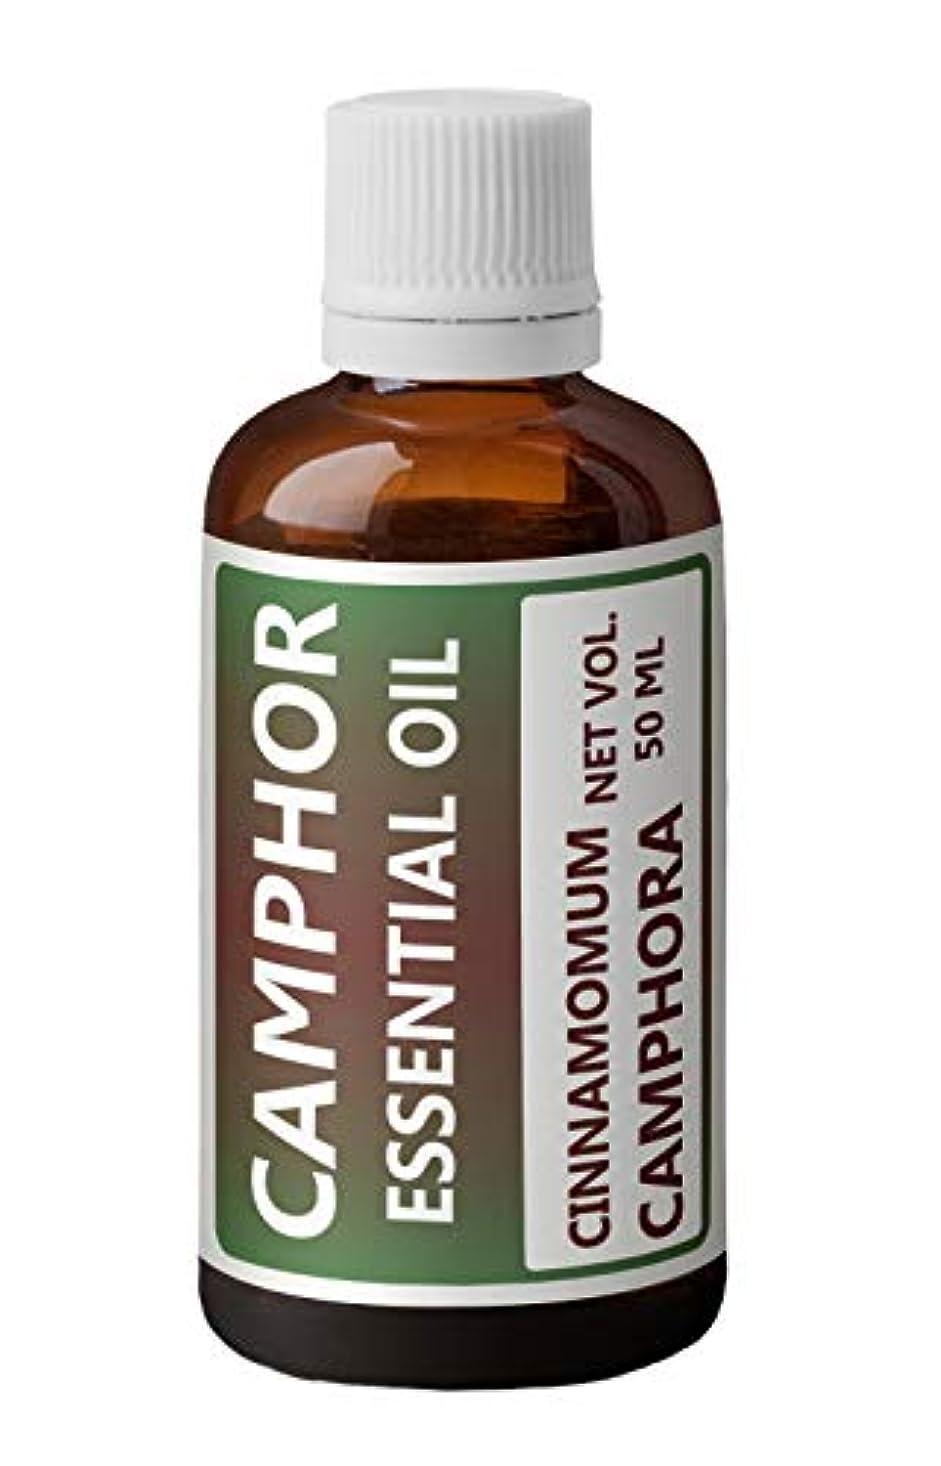 面倒きょうだい物足りないHeilen Biopharm樟脳精油(Cinnamomum camphora)(15 ml) (050ミリリットル)